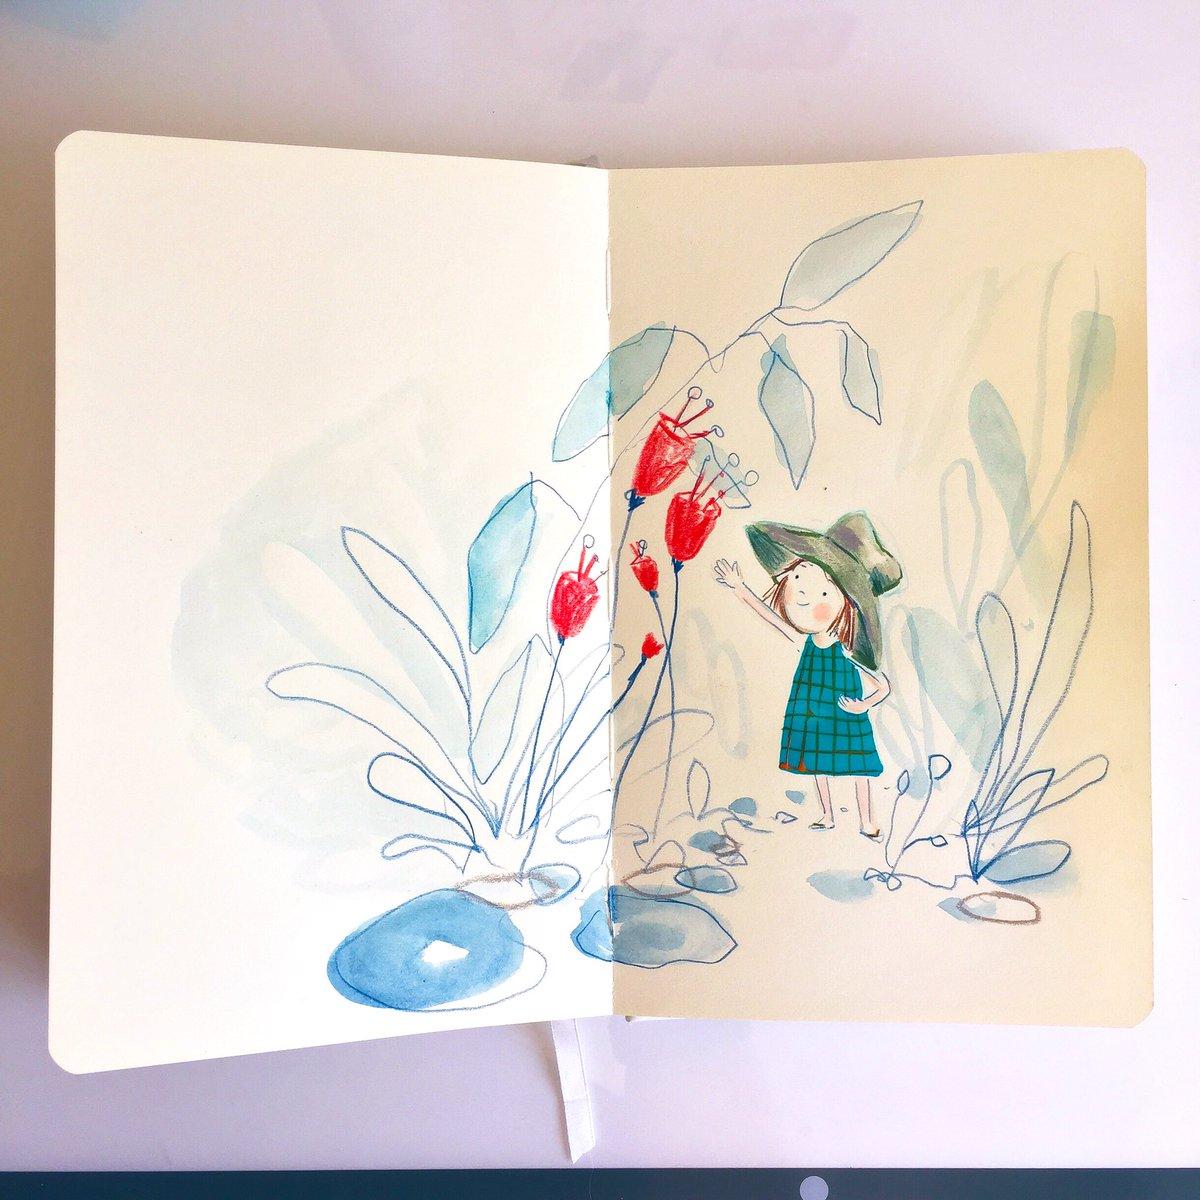 Sun-hat weather.  #sketchbook pic.twitter.com/sTc7v2orrN